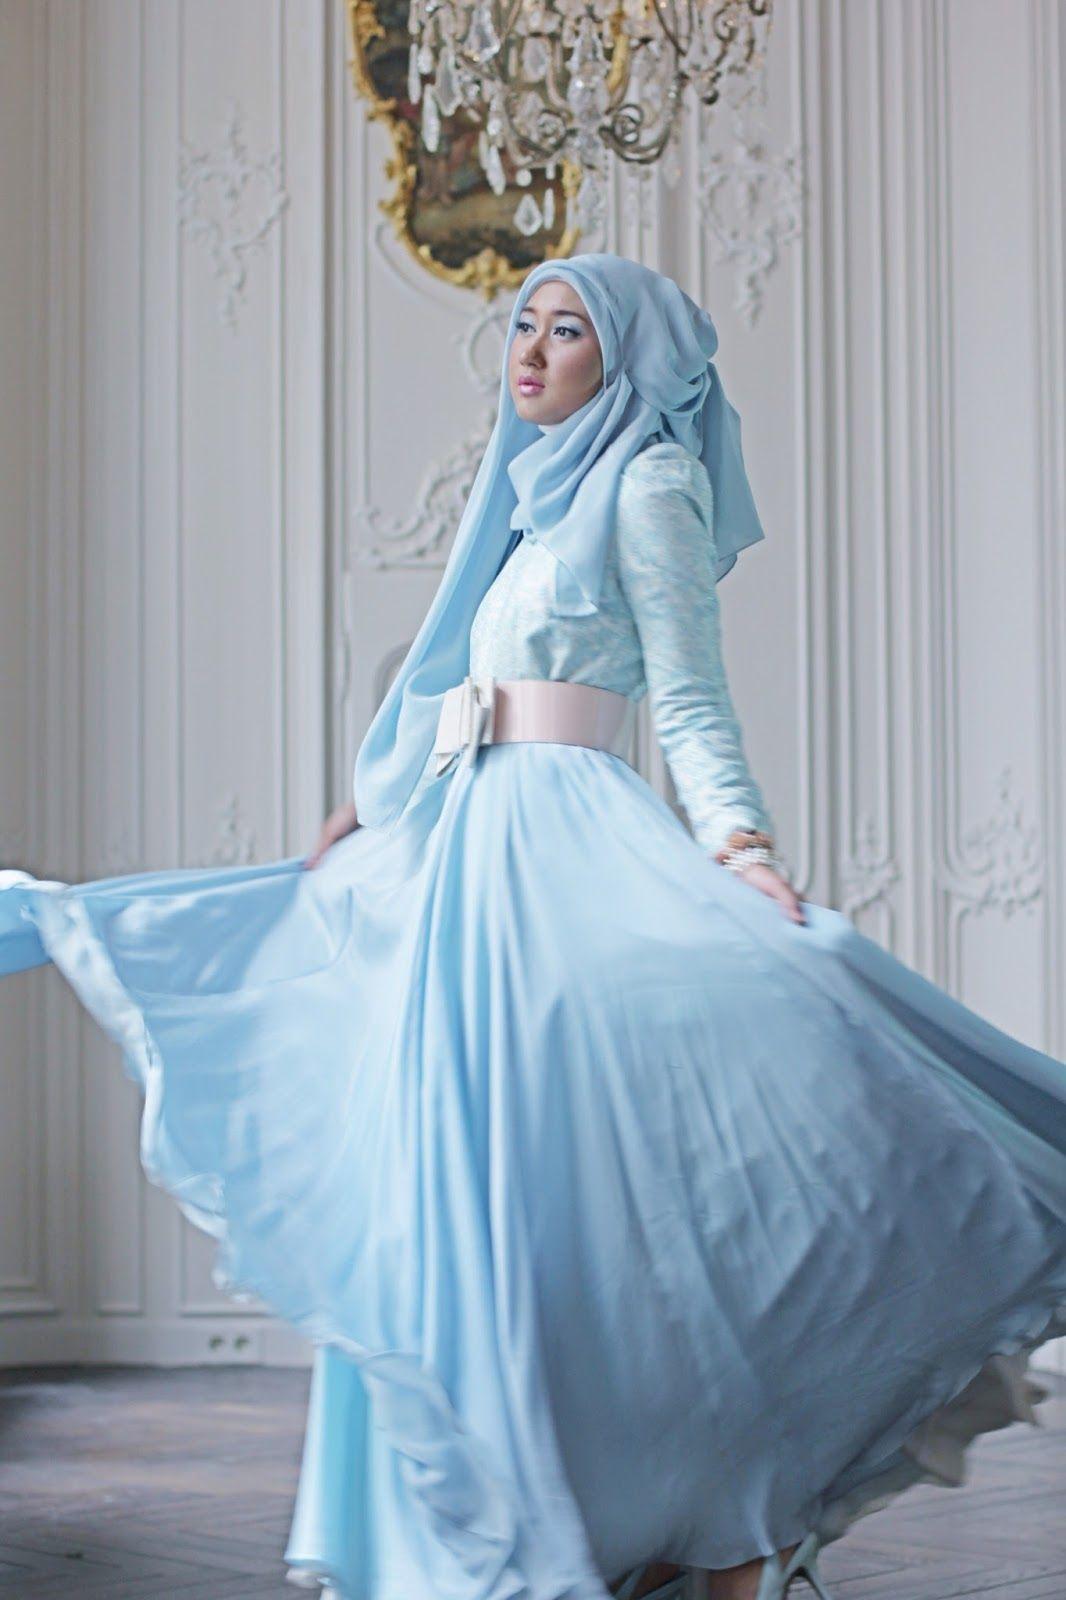 Kosmetik Dian Pelangi  Model pakaian, Baju muslim, Busana islami